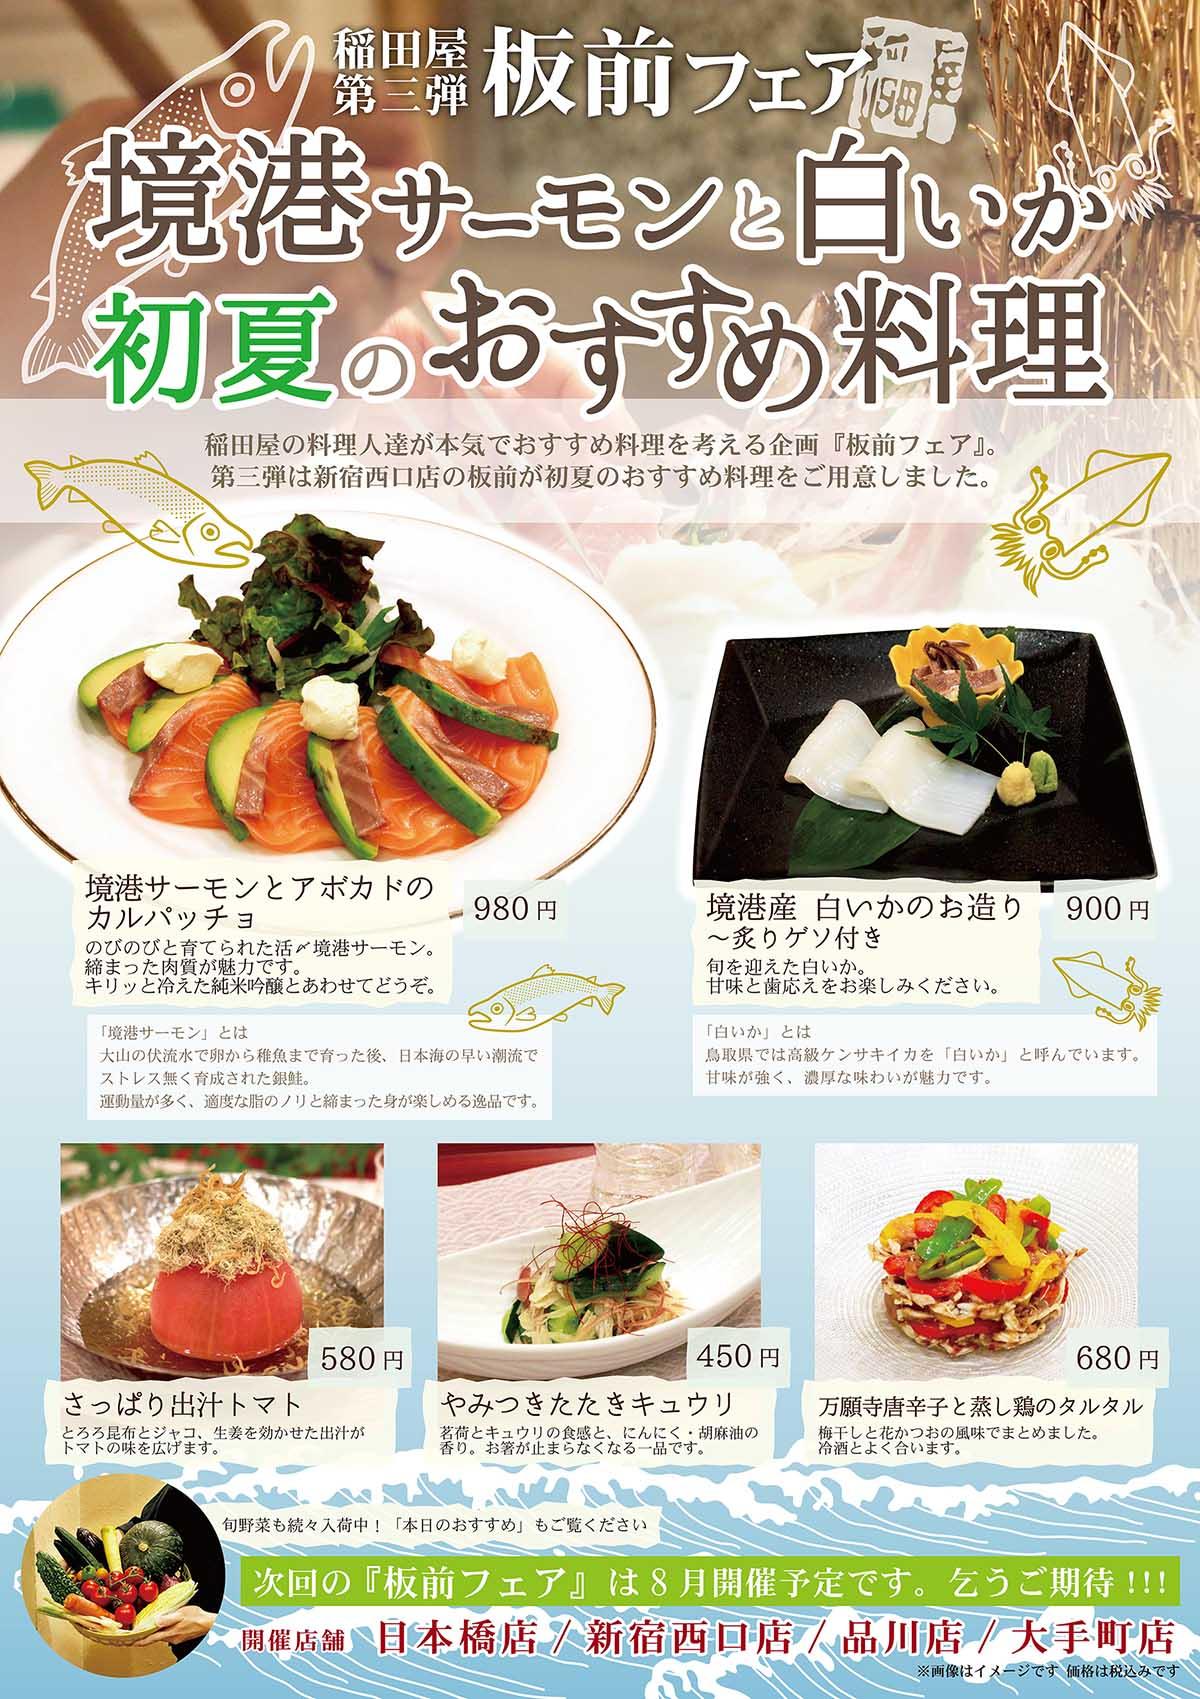 稲田屋「板前フェア 境港サーモンと白いか 初夏のおすすめ料理」POPイメージ